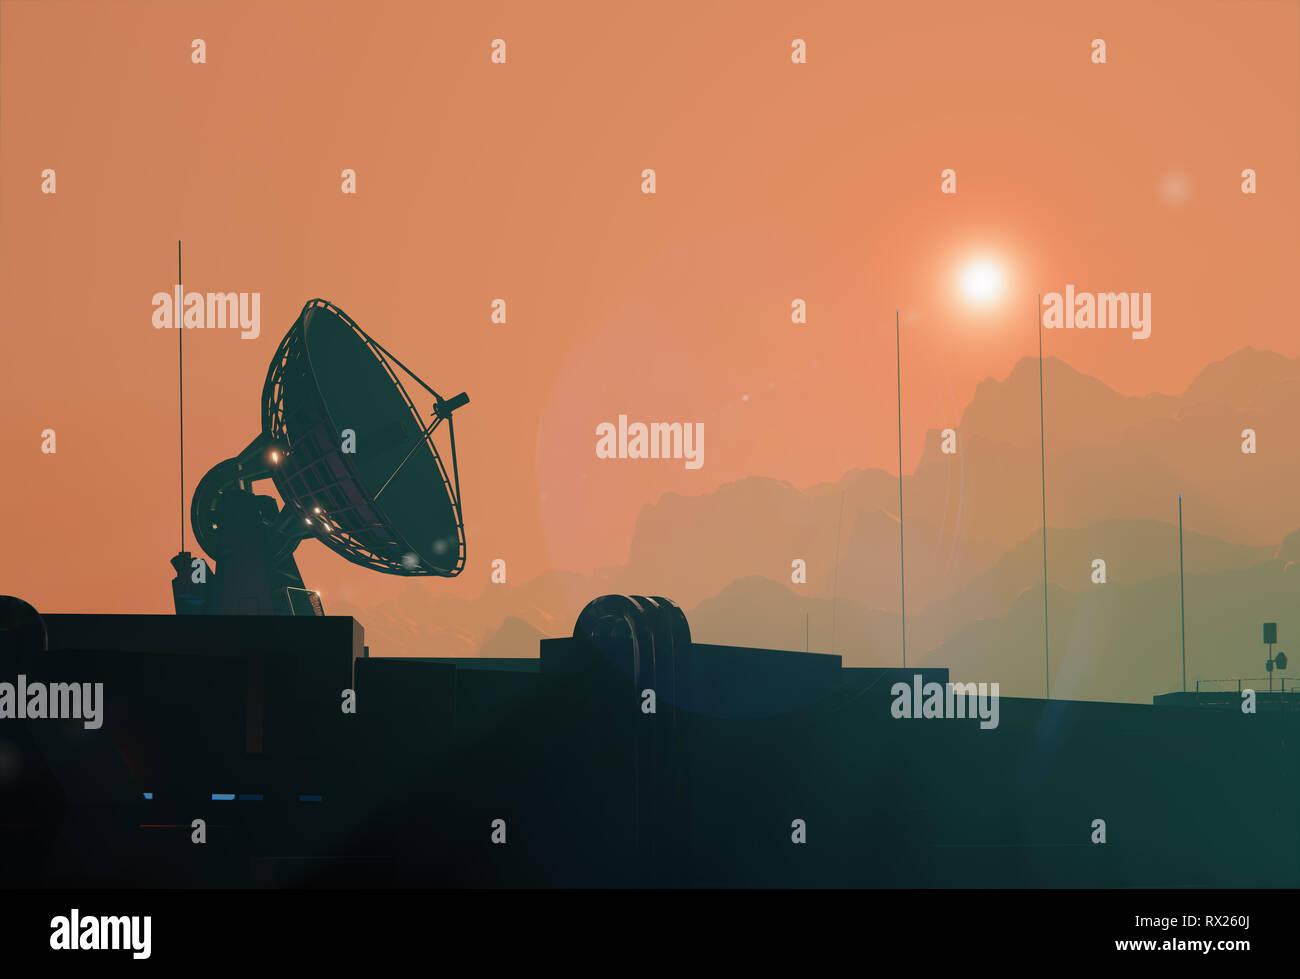 Antena de satélite dish silueta de la base espacial en Marte, ilustración 3d Foto de stock